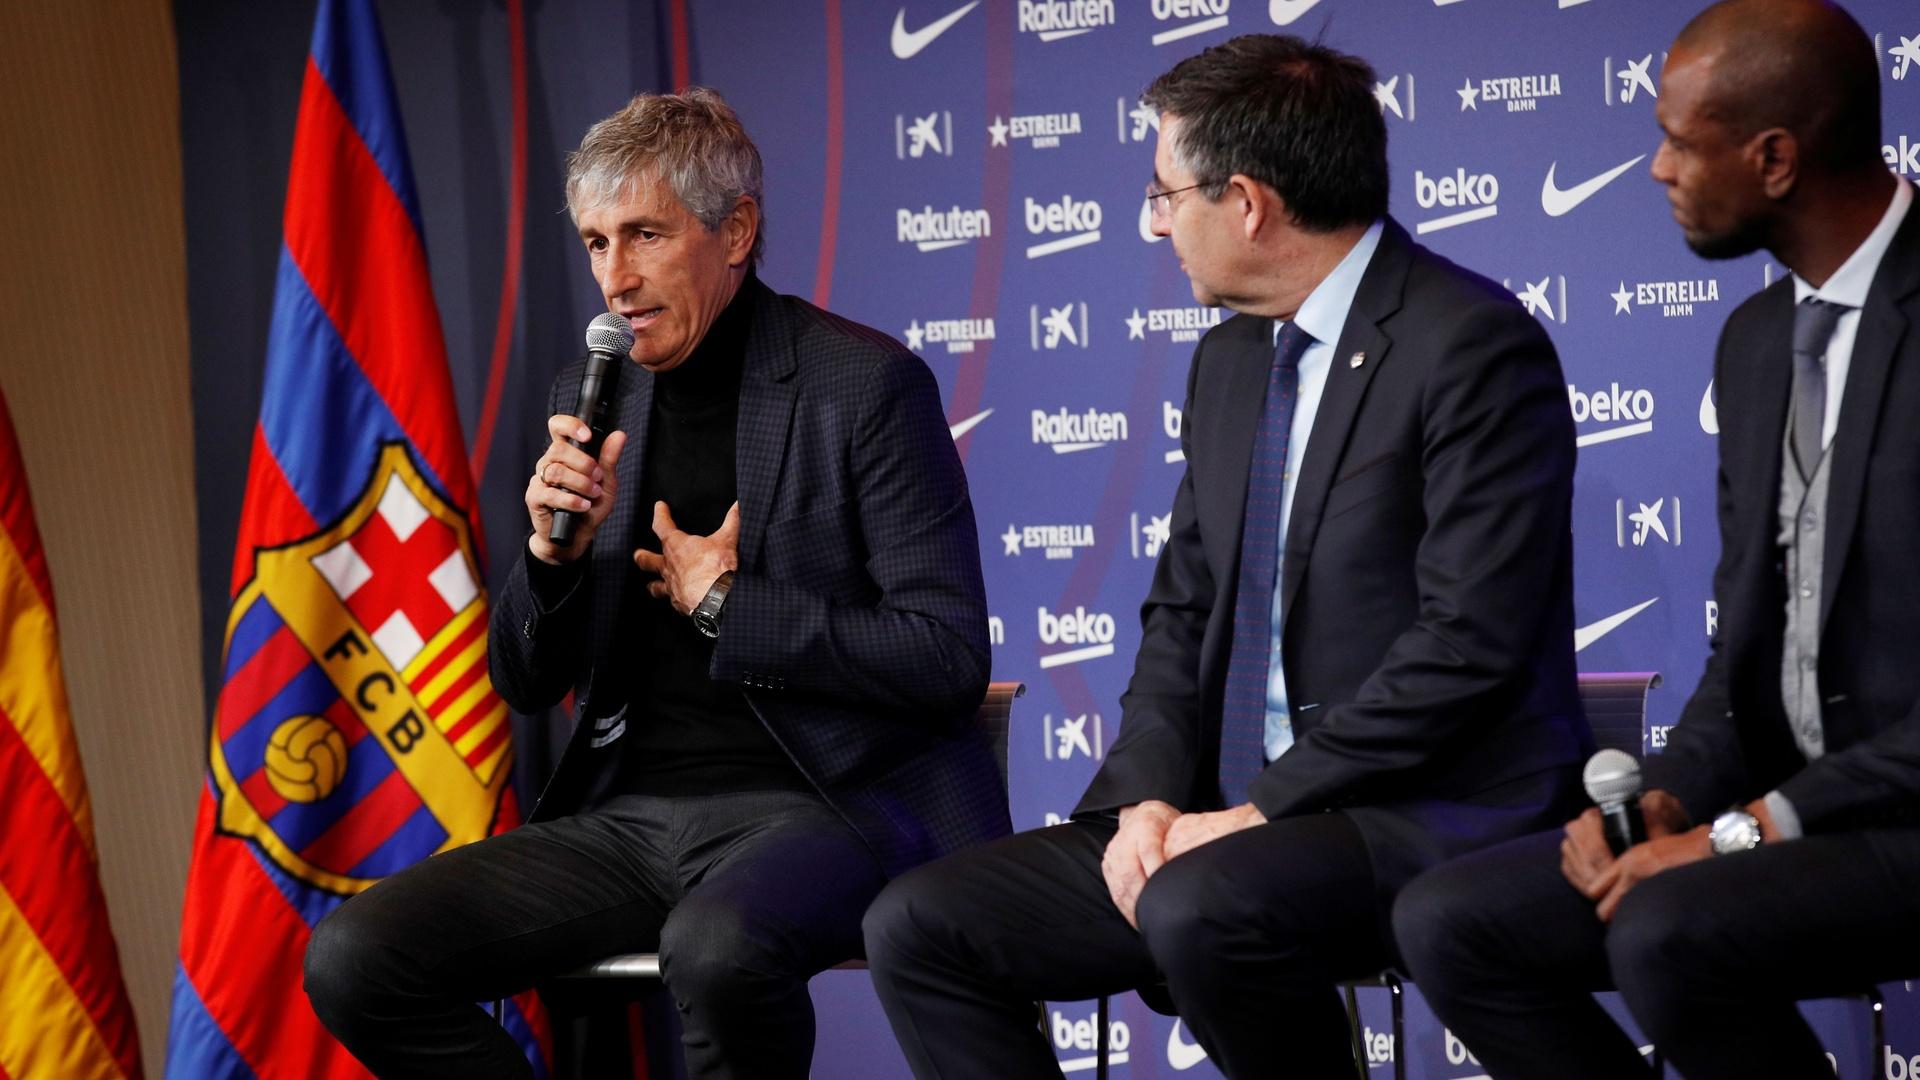 برشلونة يقرر هوية مدرب برشلونة المرشح بدلا من سيتين